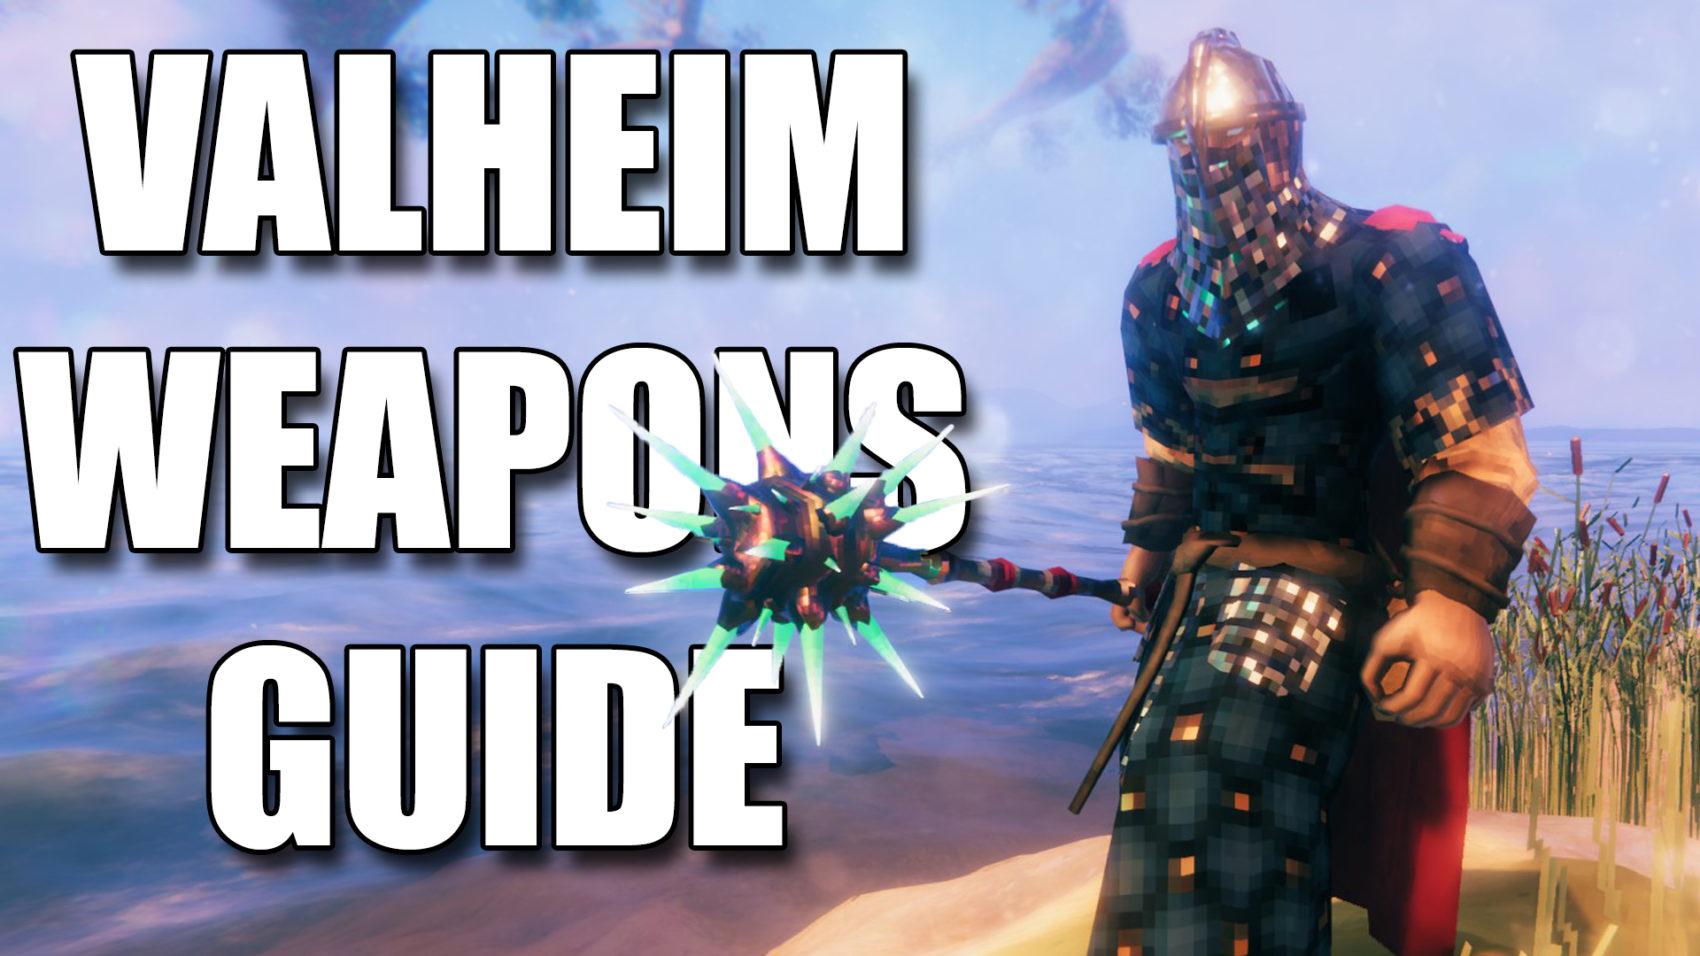 Valheim Weapons